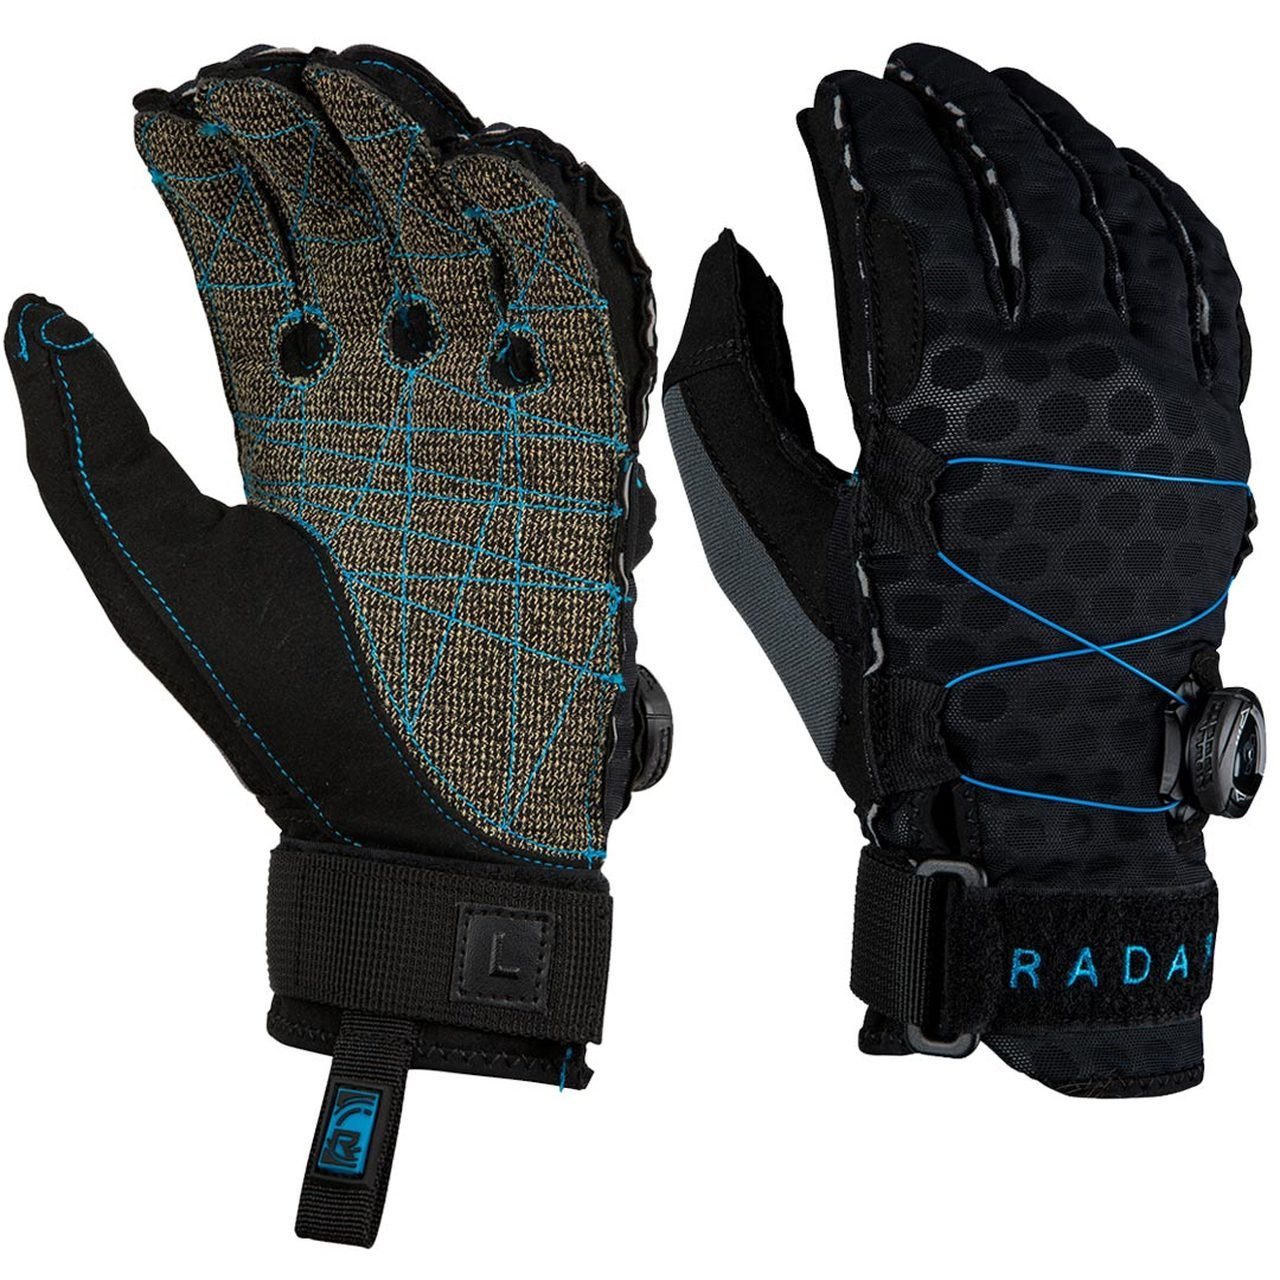 Radar Vapor K BOA Inside/Outside Glove